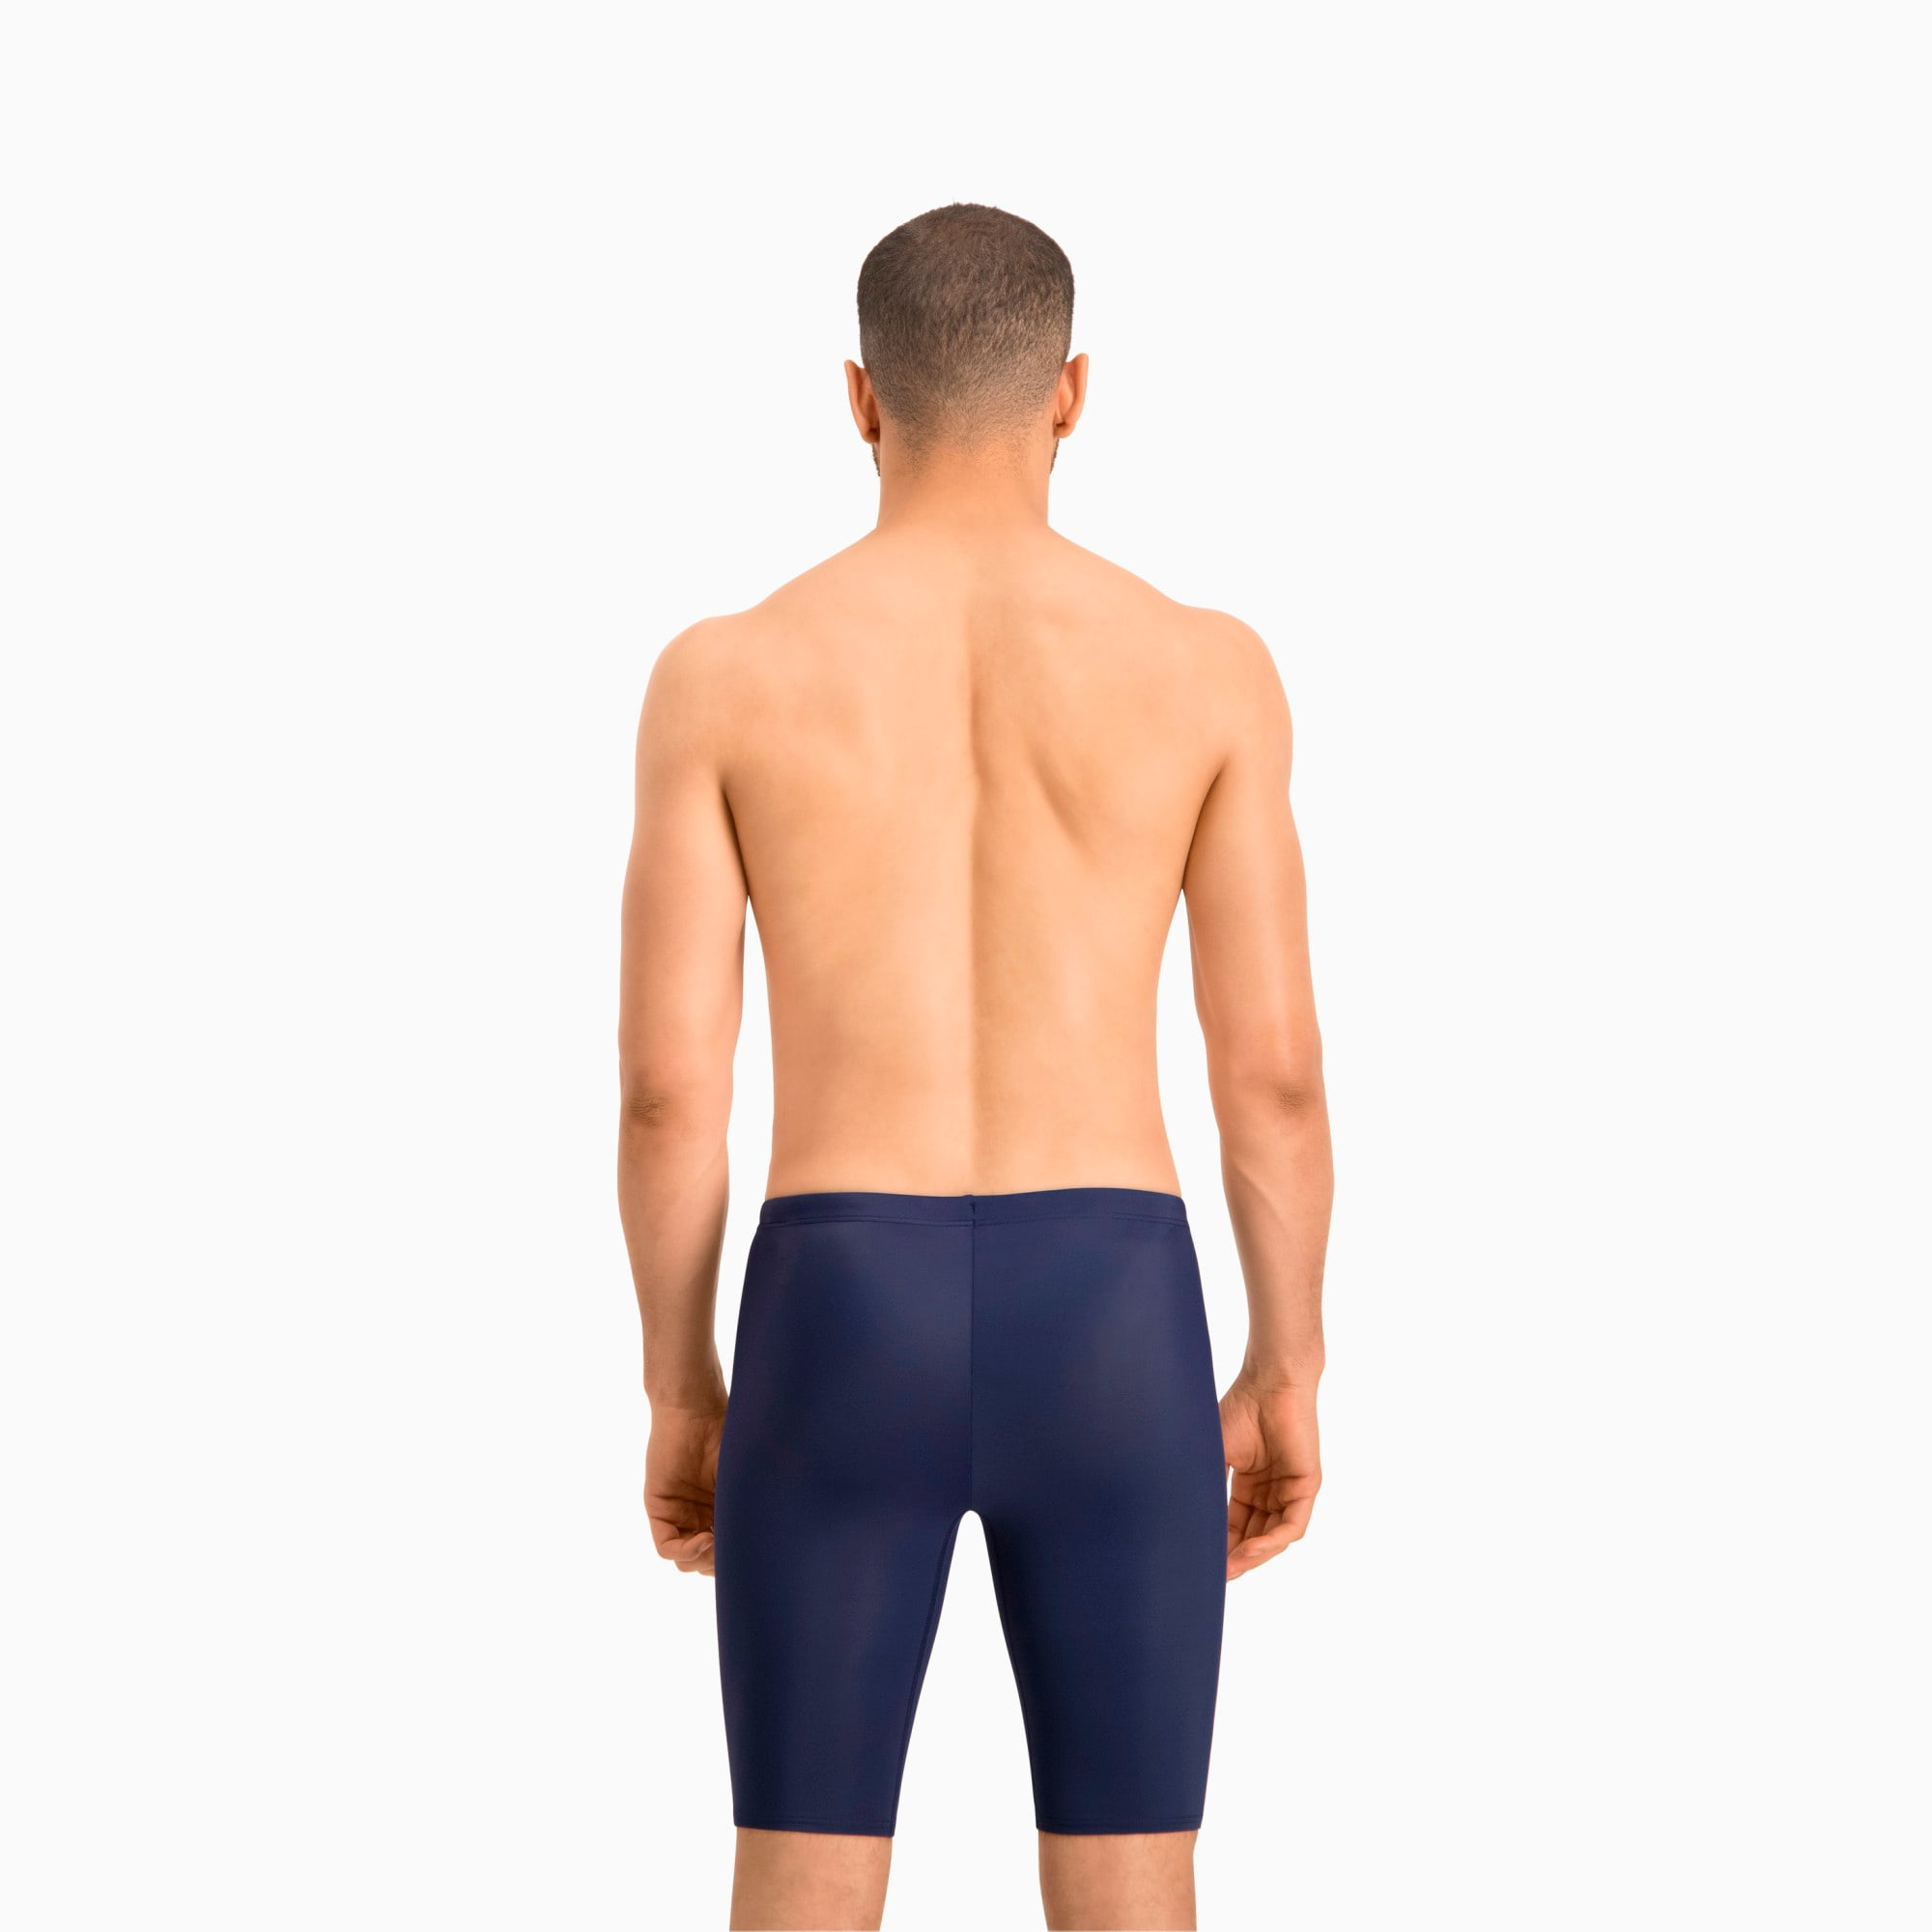 PUMA Swim Men's Jammer Swimsuit